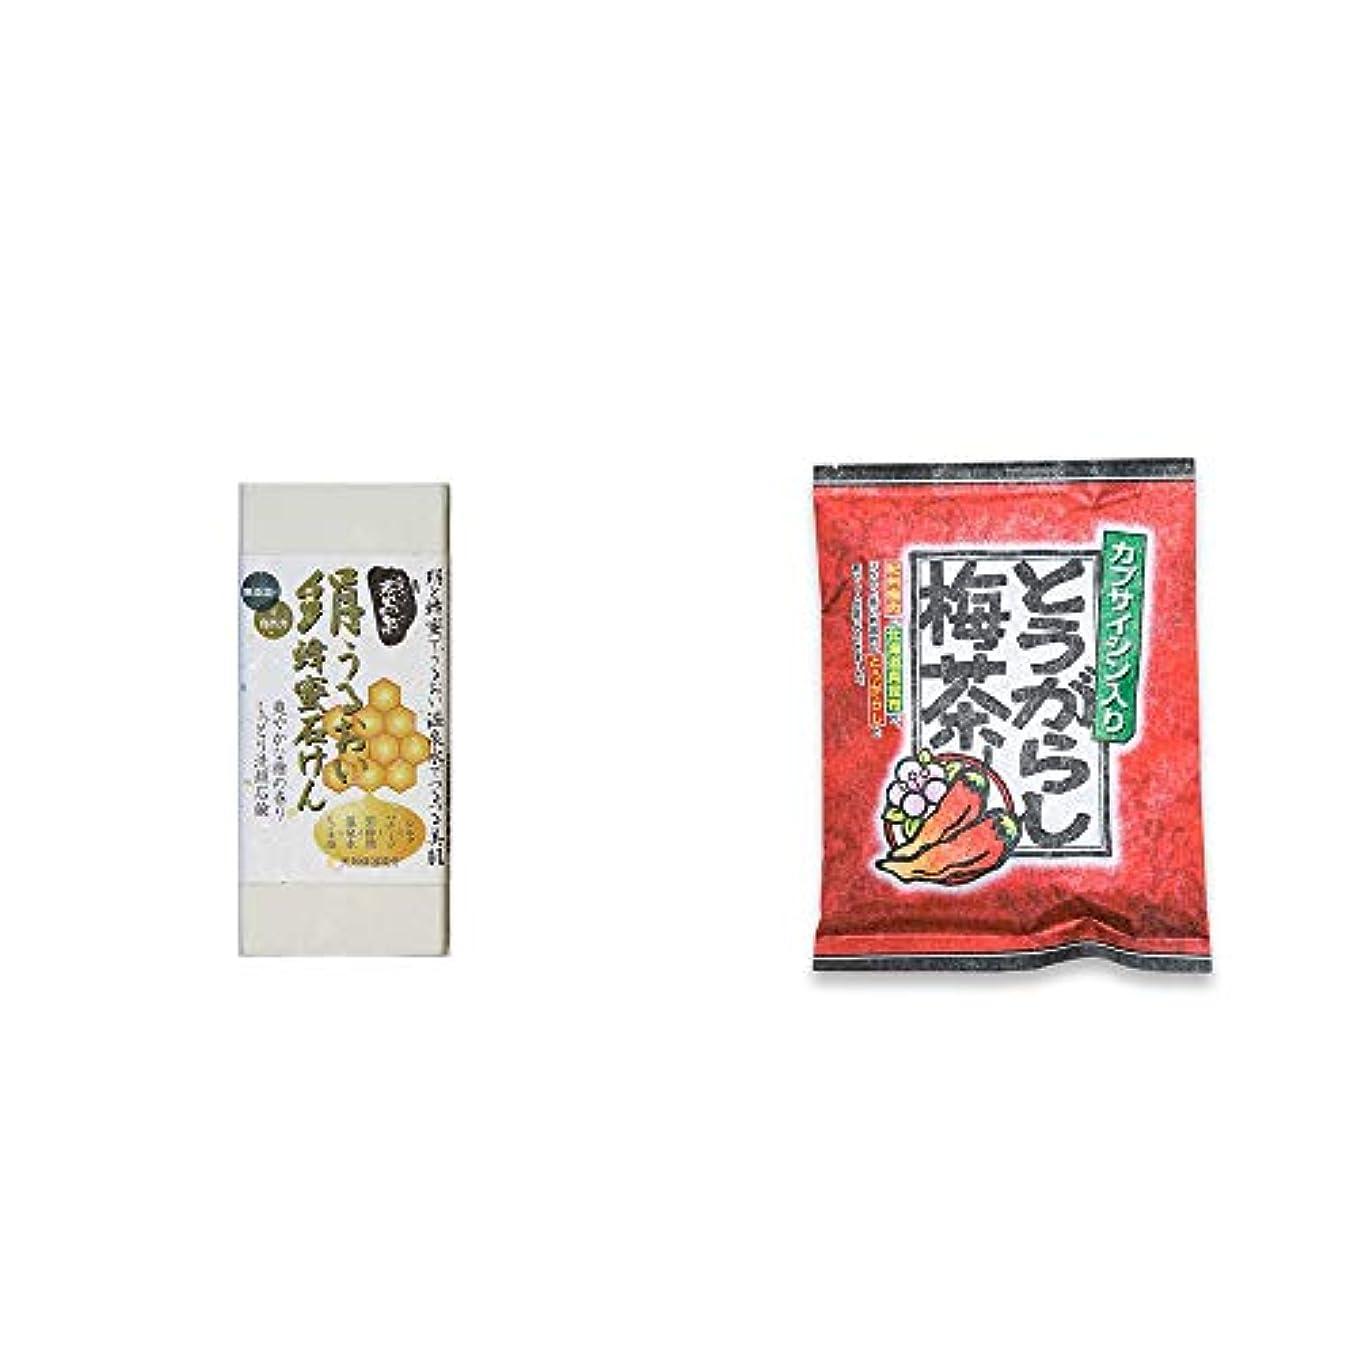 屈辱するプーノ適格[2点セット] ひのき炭黒泉 絹うるおい蜂蜜石けん(75g×2)?とうがらし梅茶(24袋)